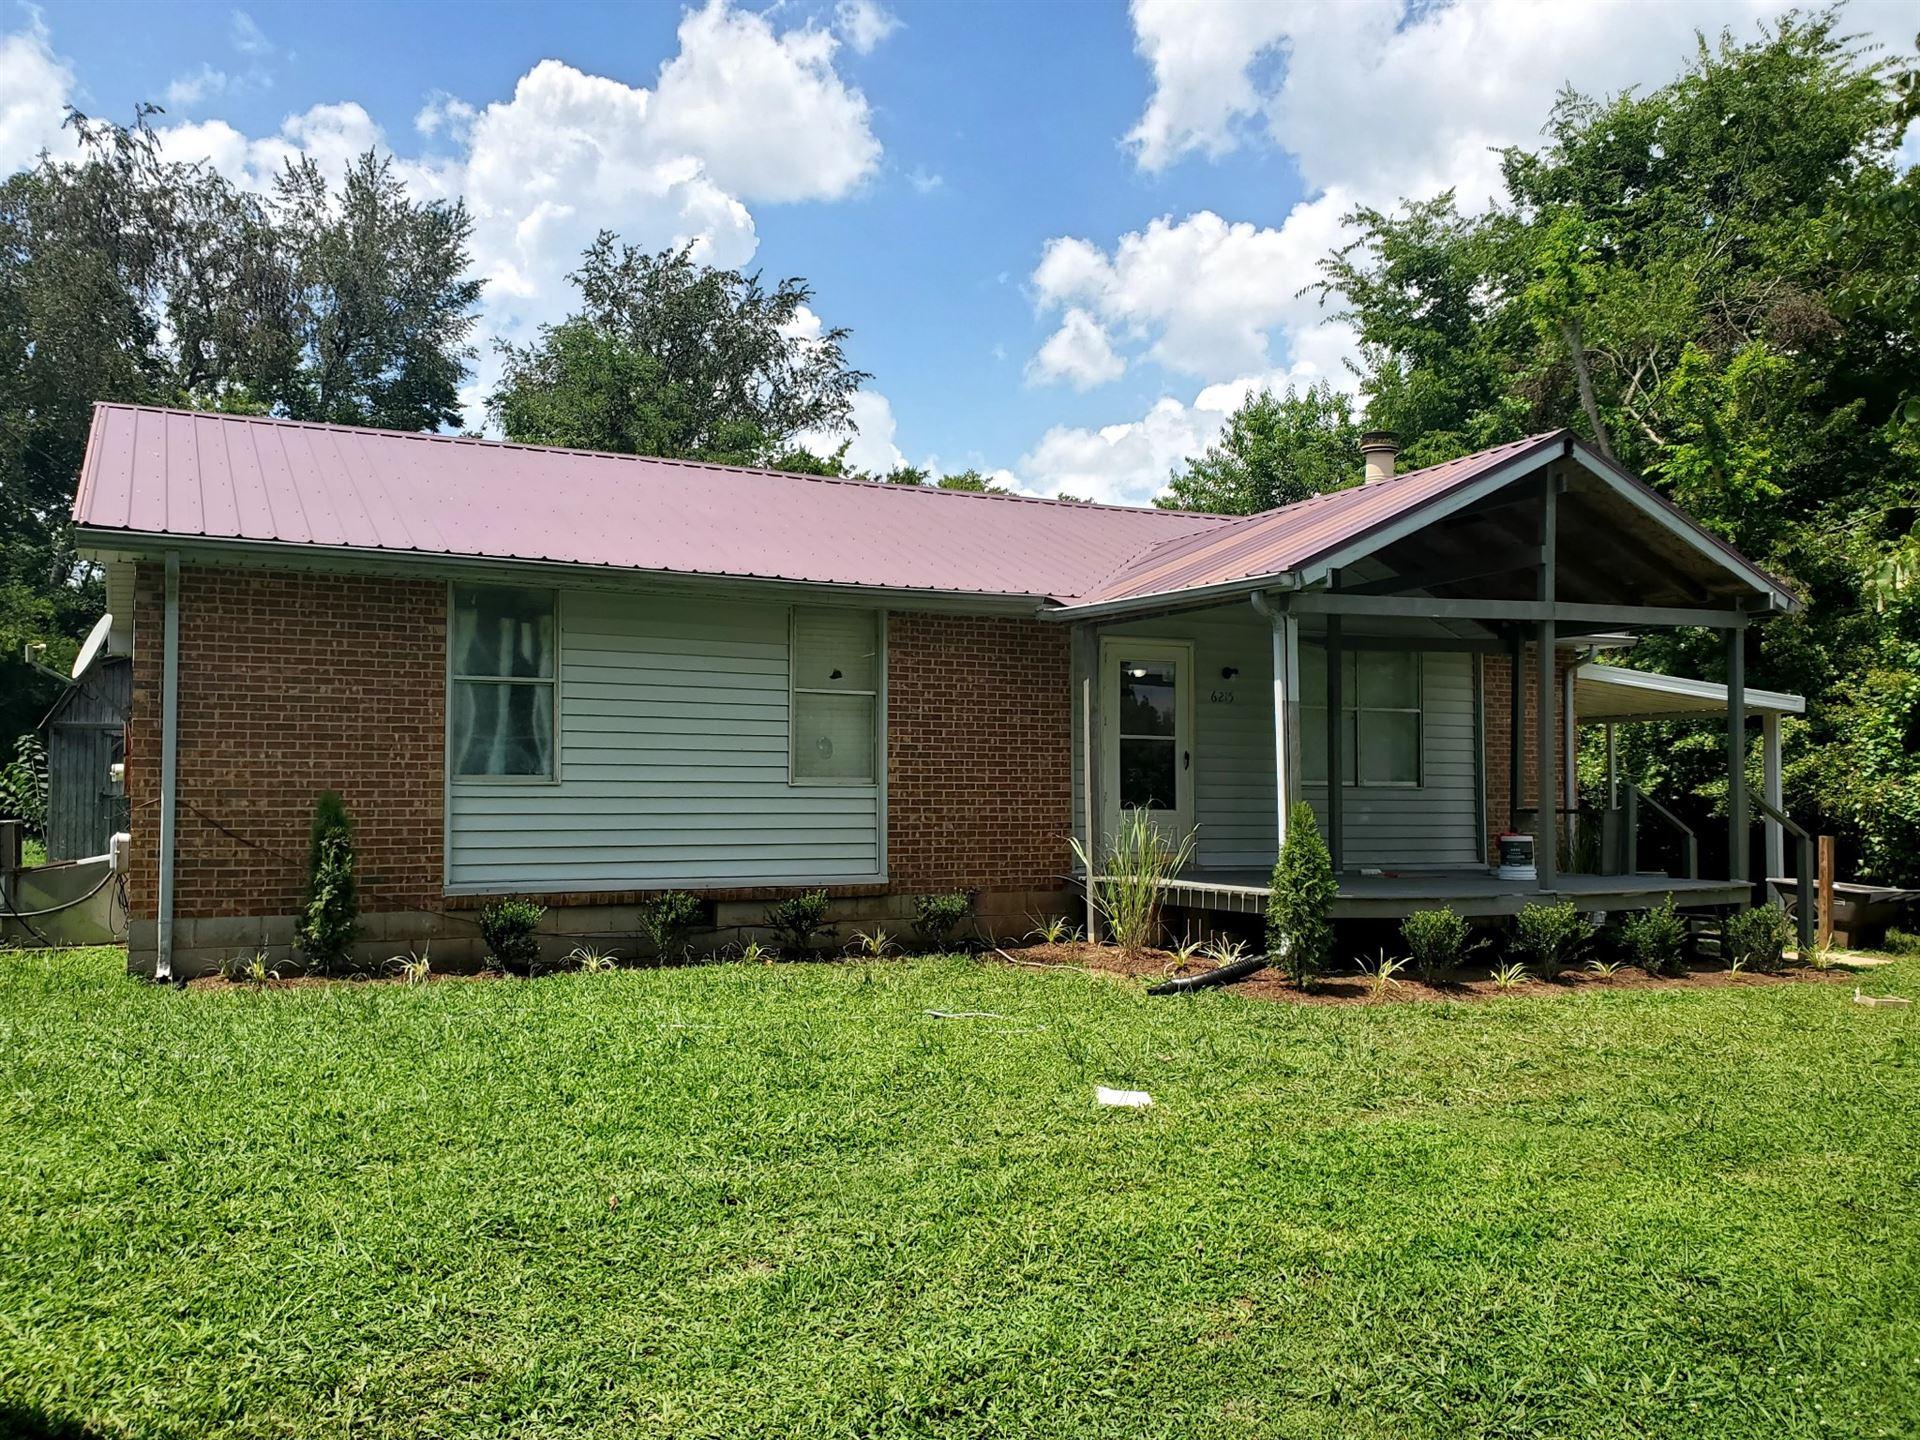 6215 Sunnyside Dr, Murfreesboro, TN 37129 - MLS#: 2273769